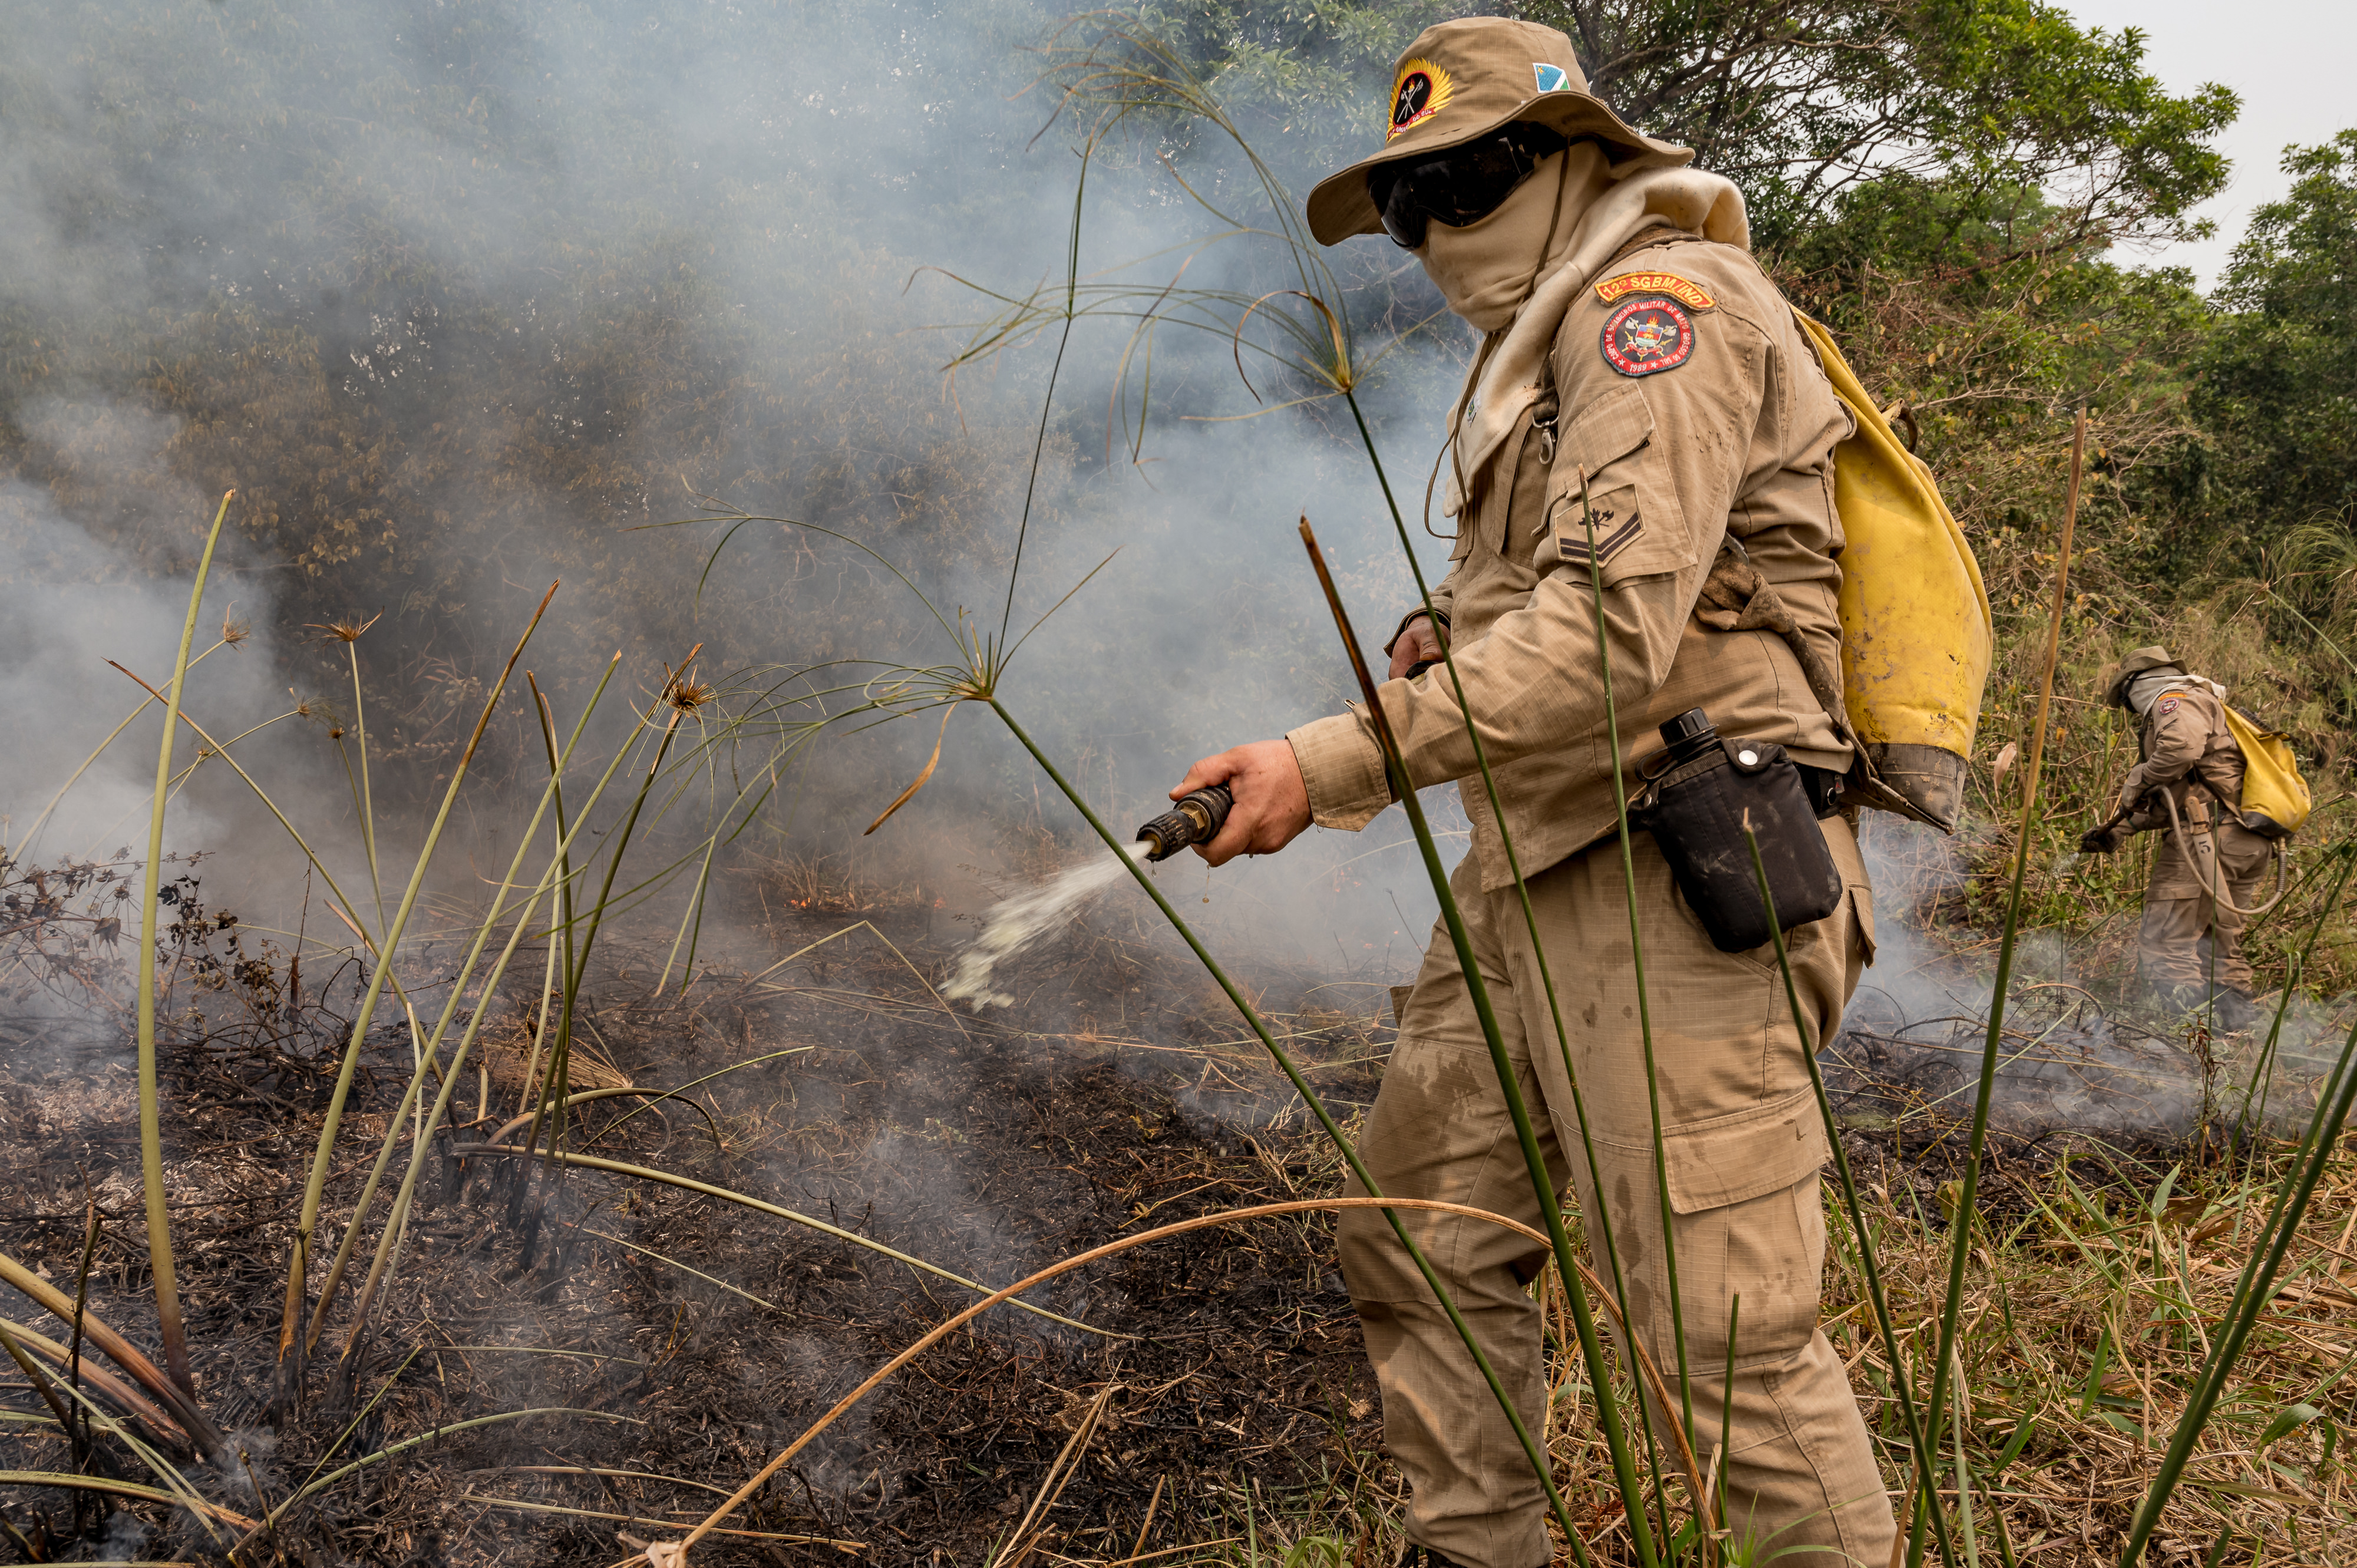 Soldado combate foco de calor durante teste para uso do retardante em Mato Grosso.